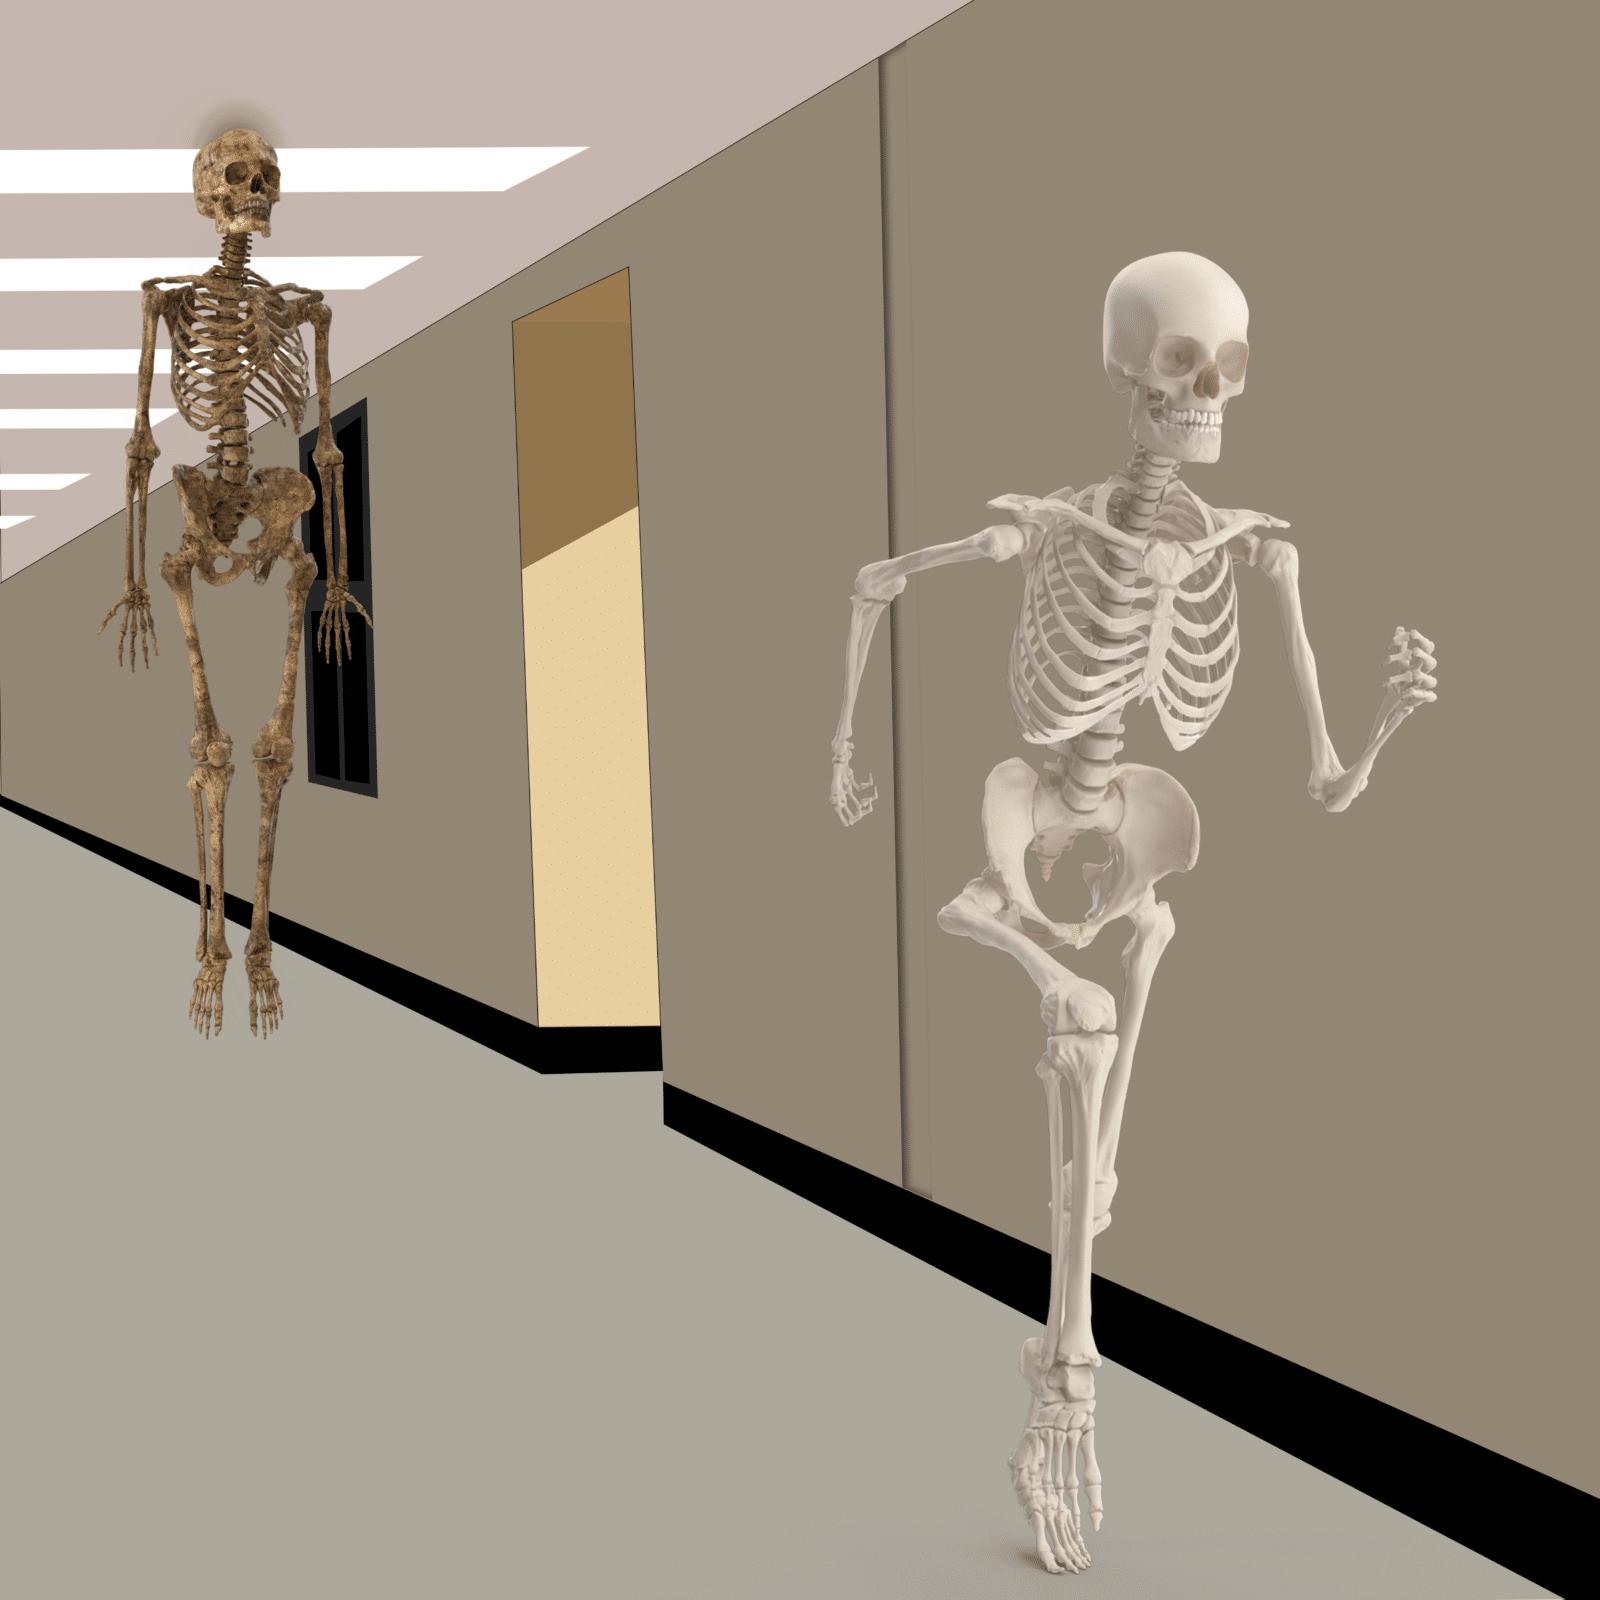 Meme Generator - Floating Skeleton Chasing Skeleton ...